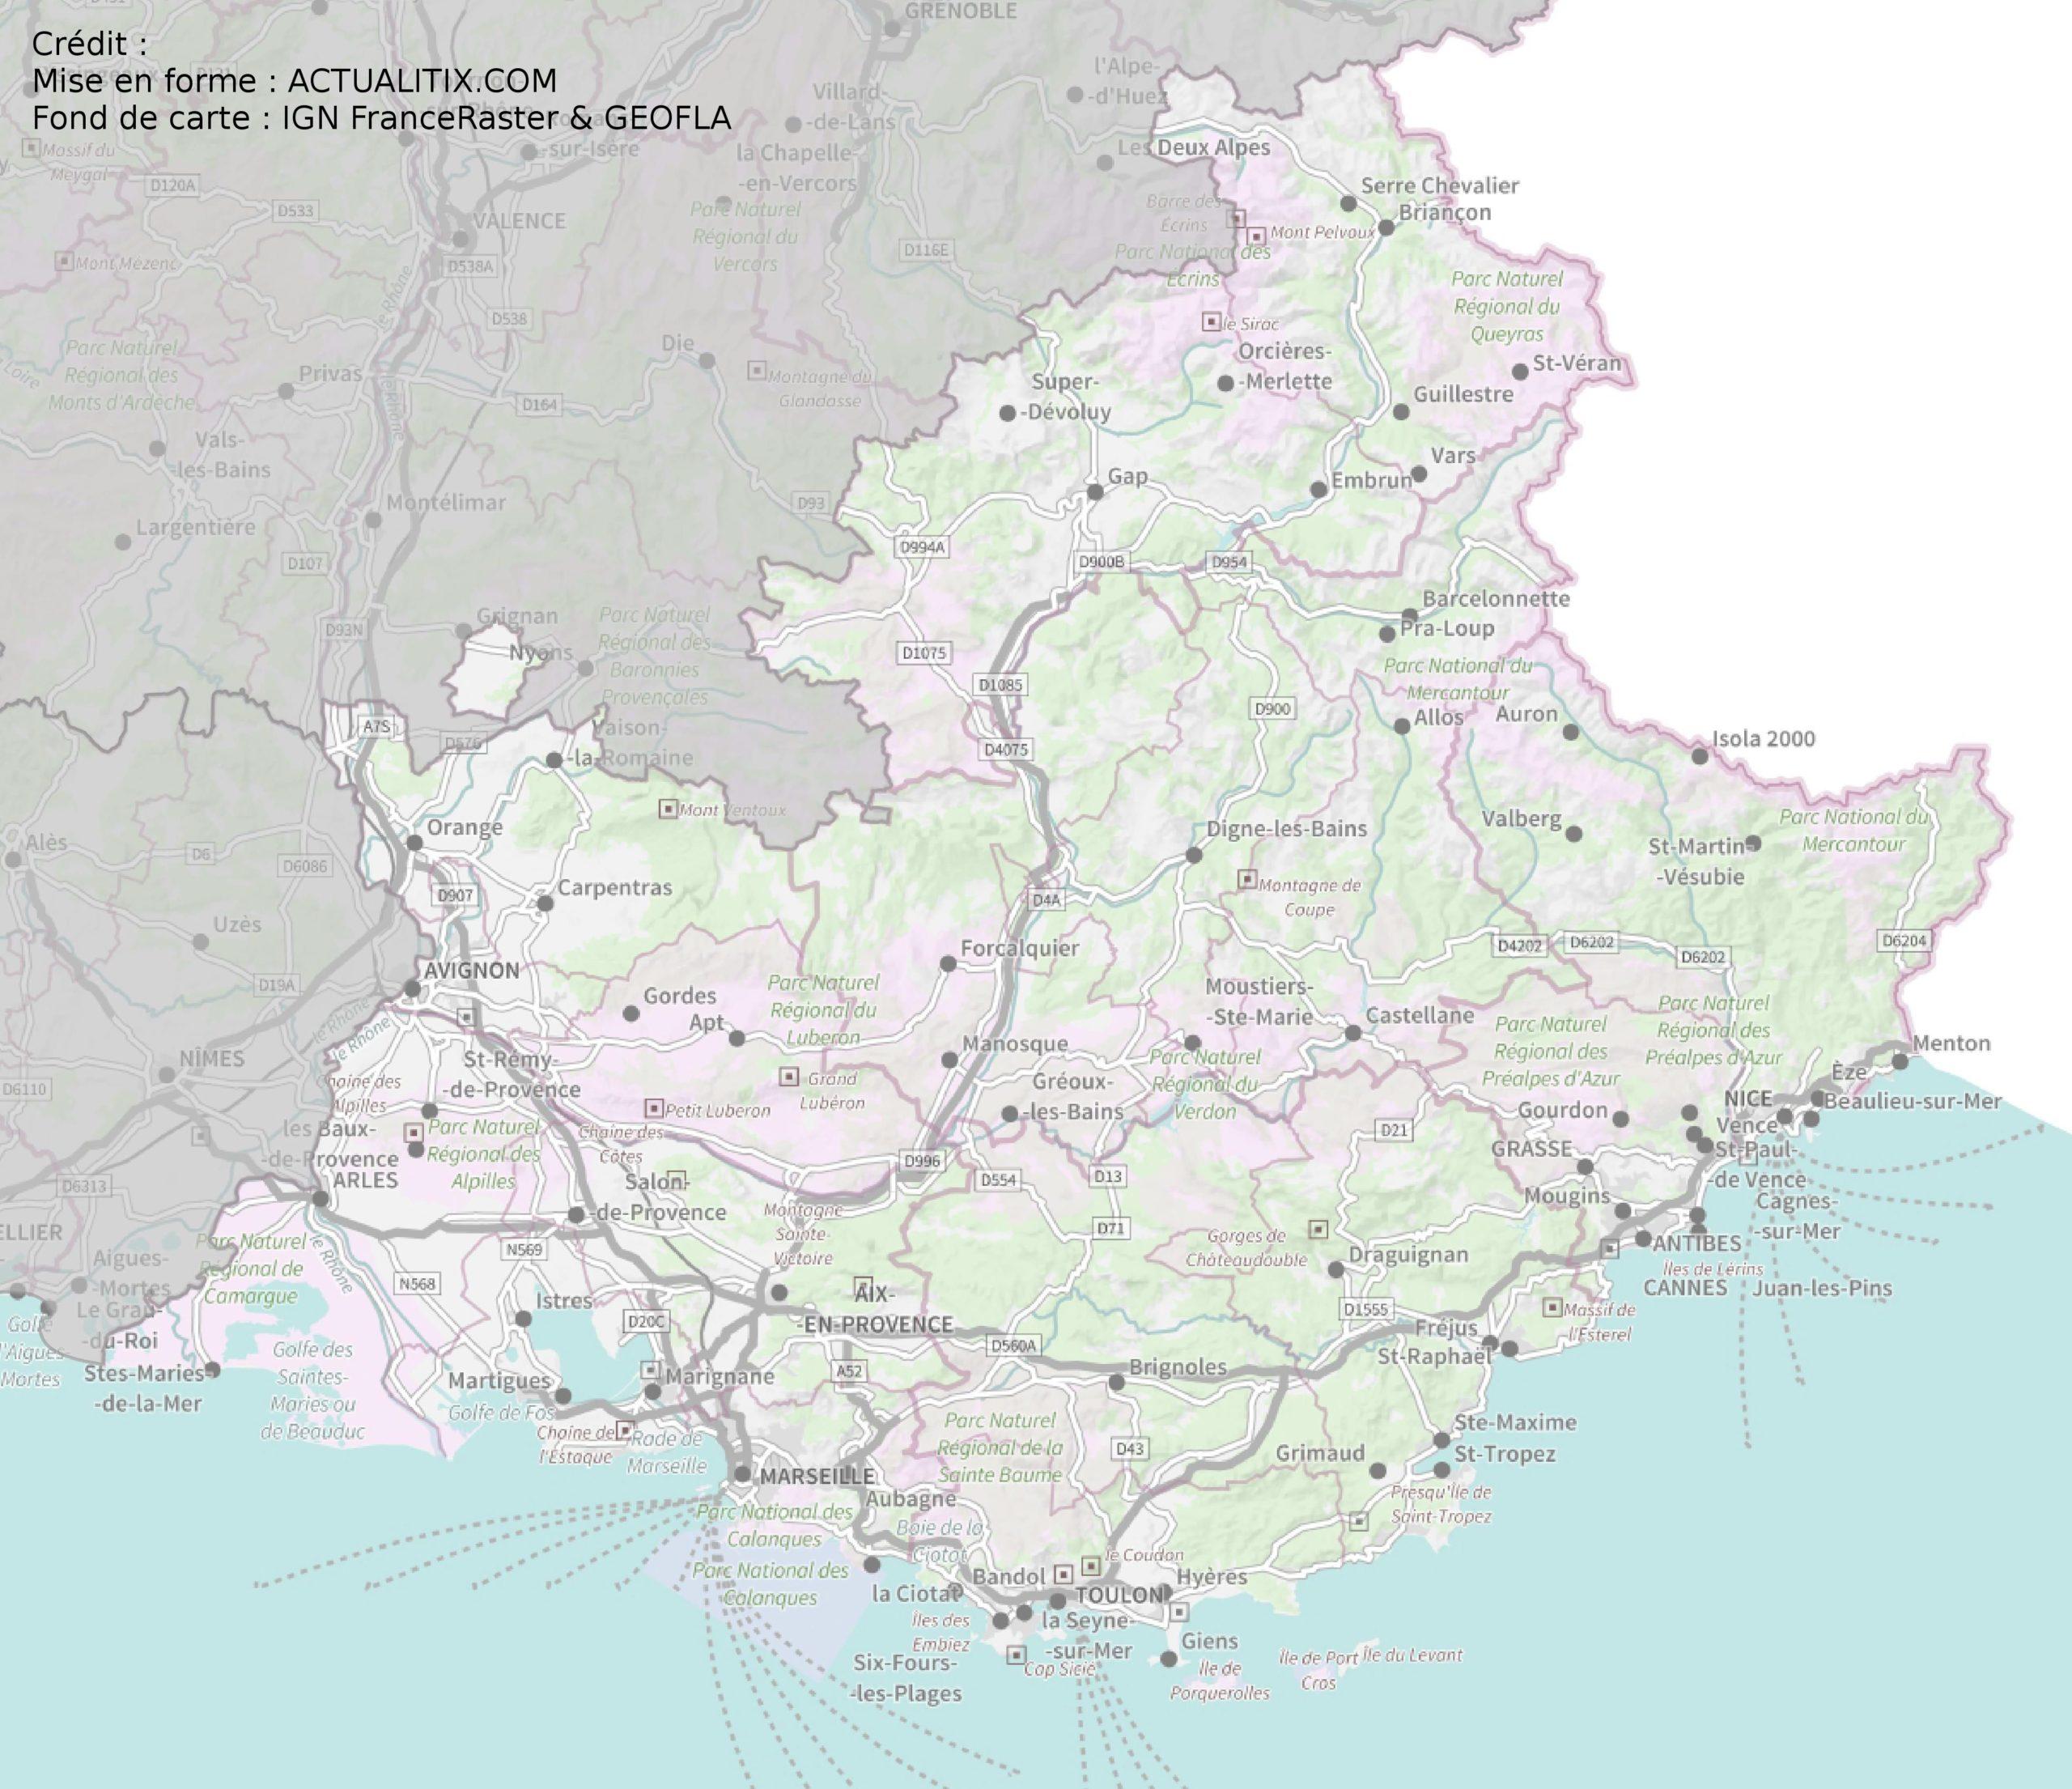 carte de la region paca Carte de Provence Alpes Côtes d'Azur (PACA)   Région de France